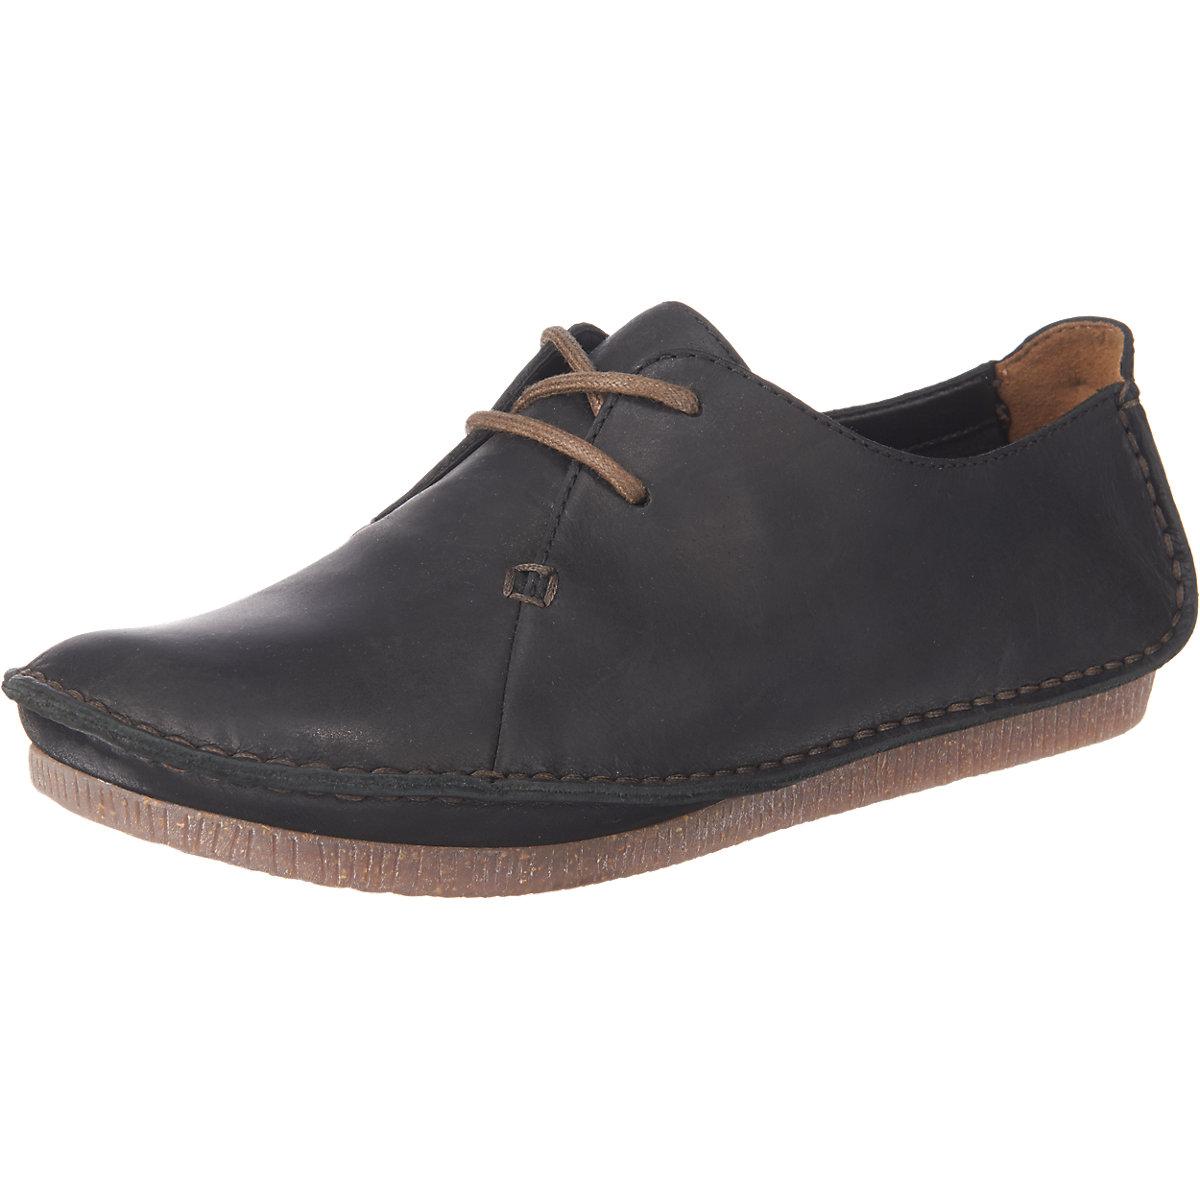 Clarks, Janey Mae Klassische Halbschuhe, schwarz  Gute Qualität beliebte Schuhe